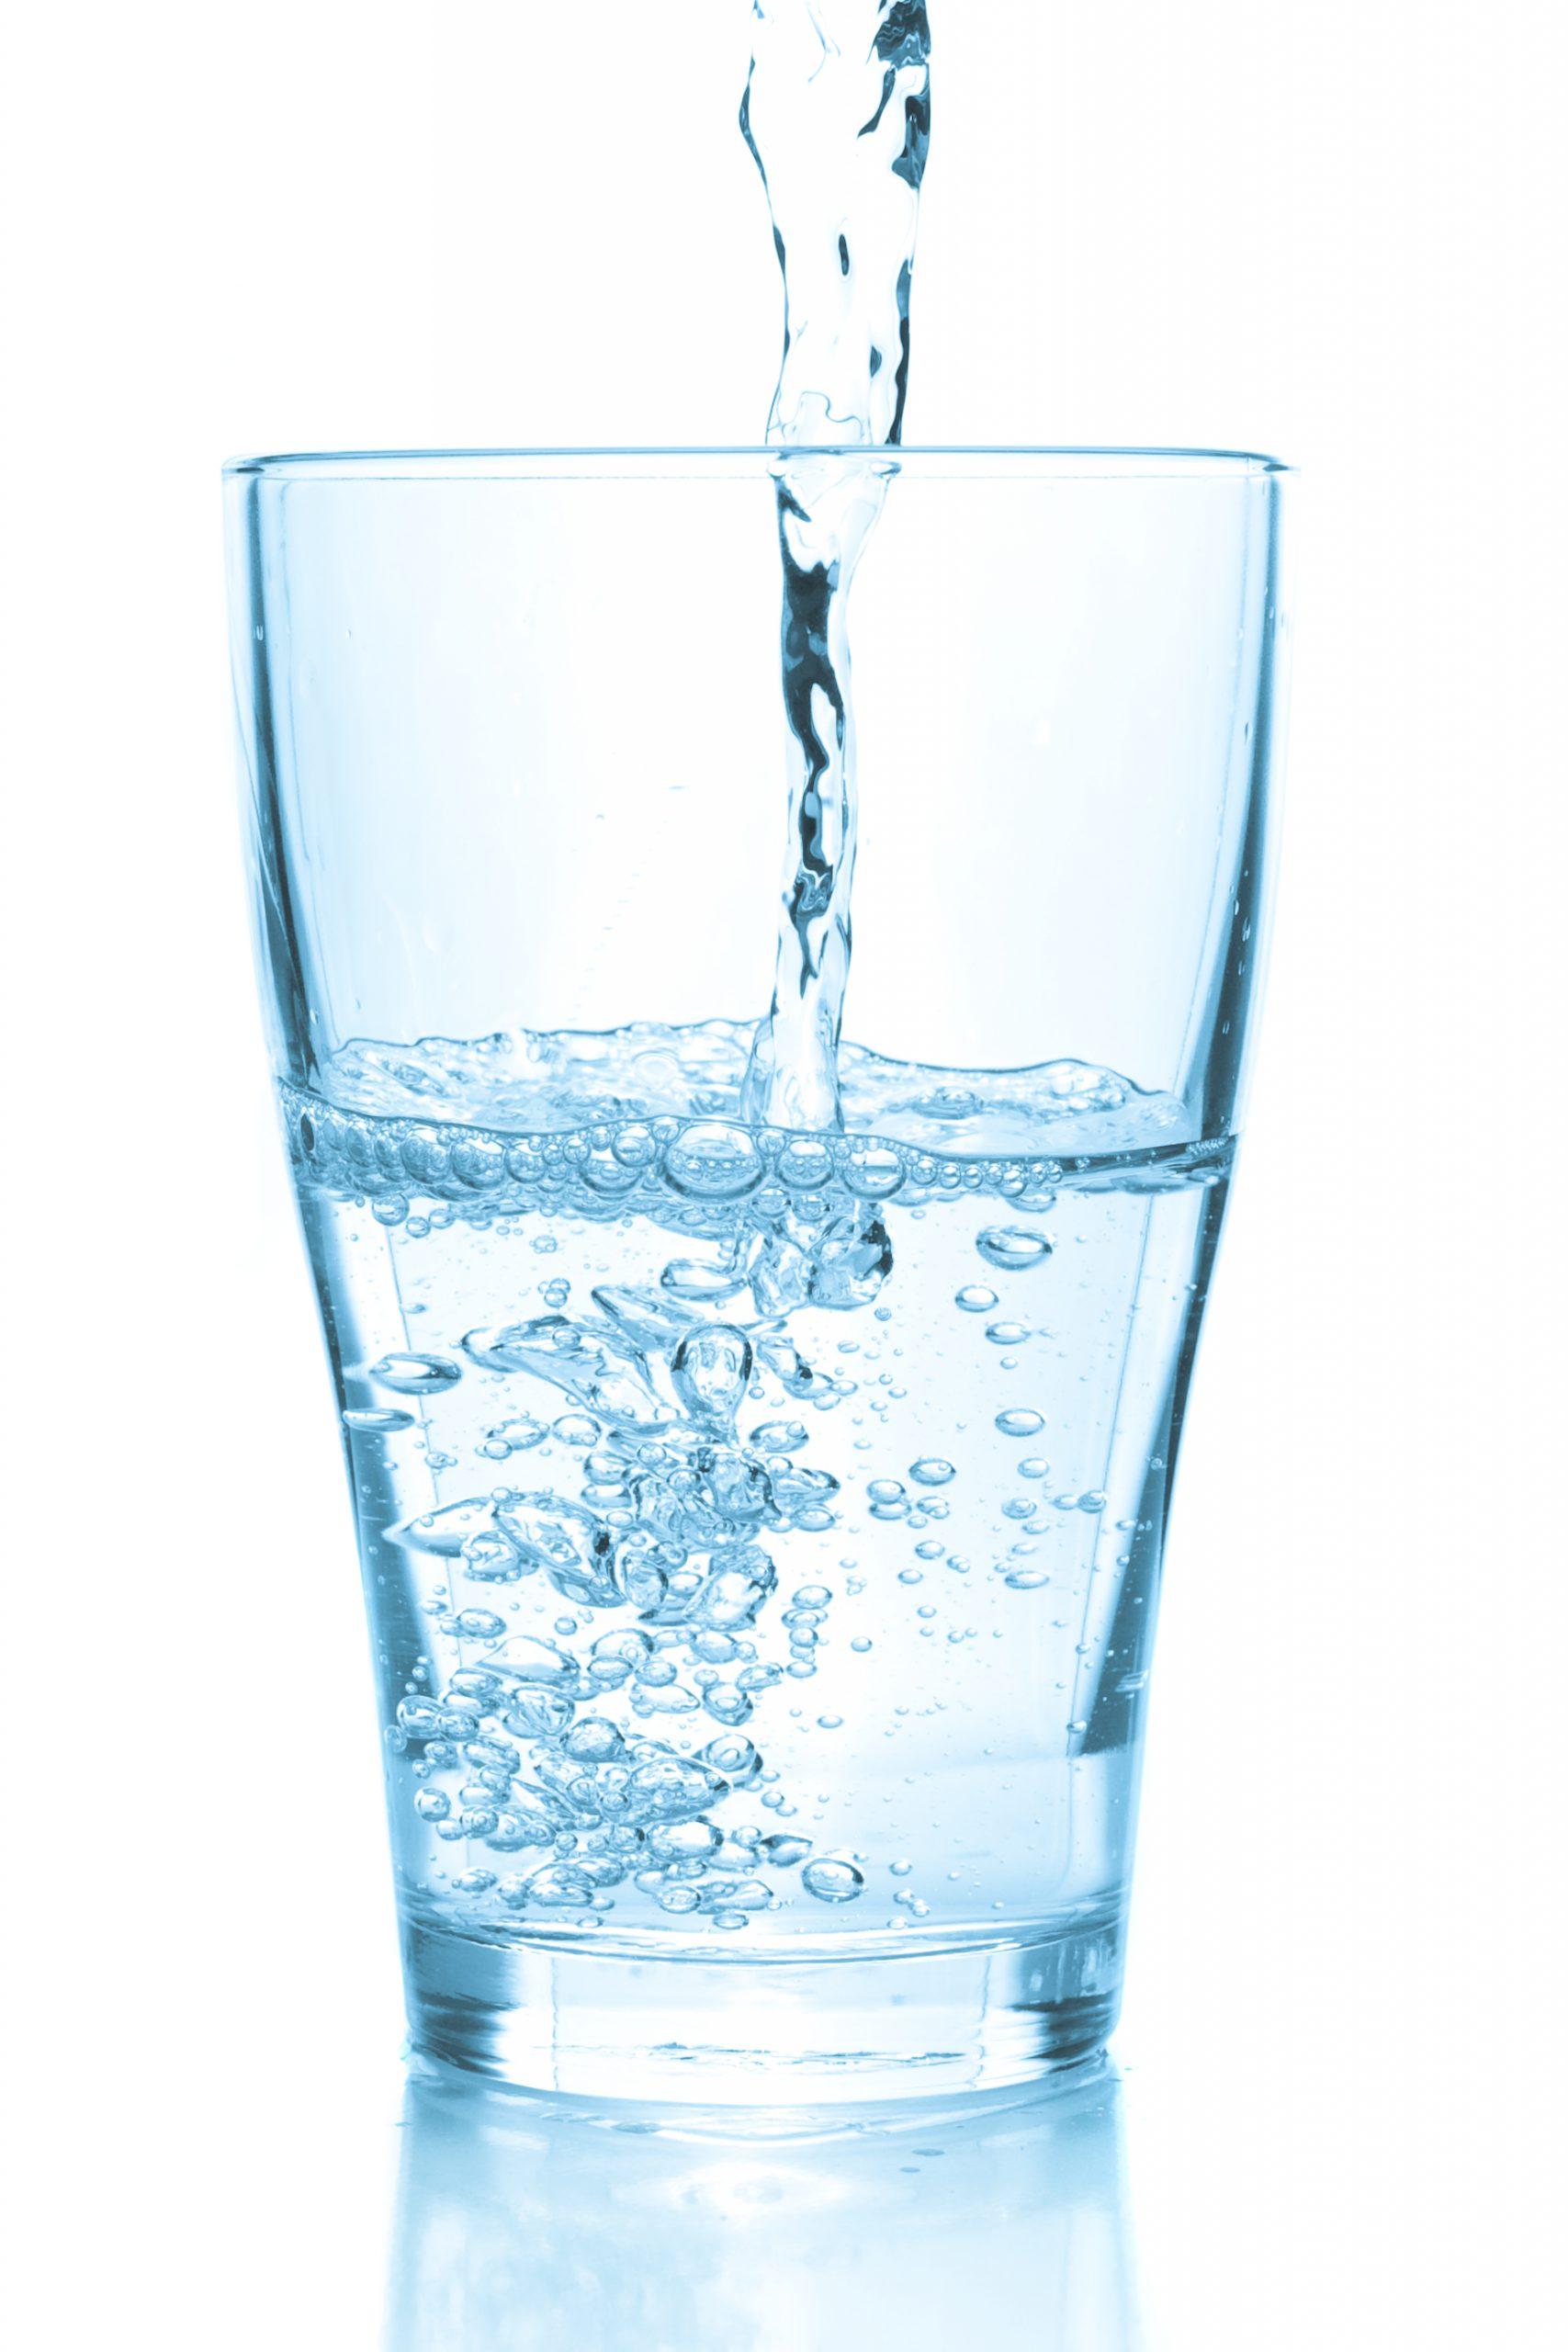 NU Aqua Systems Reverse Osmosis Reviews | RO-System.org